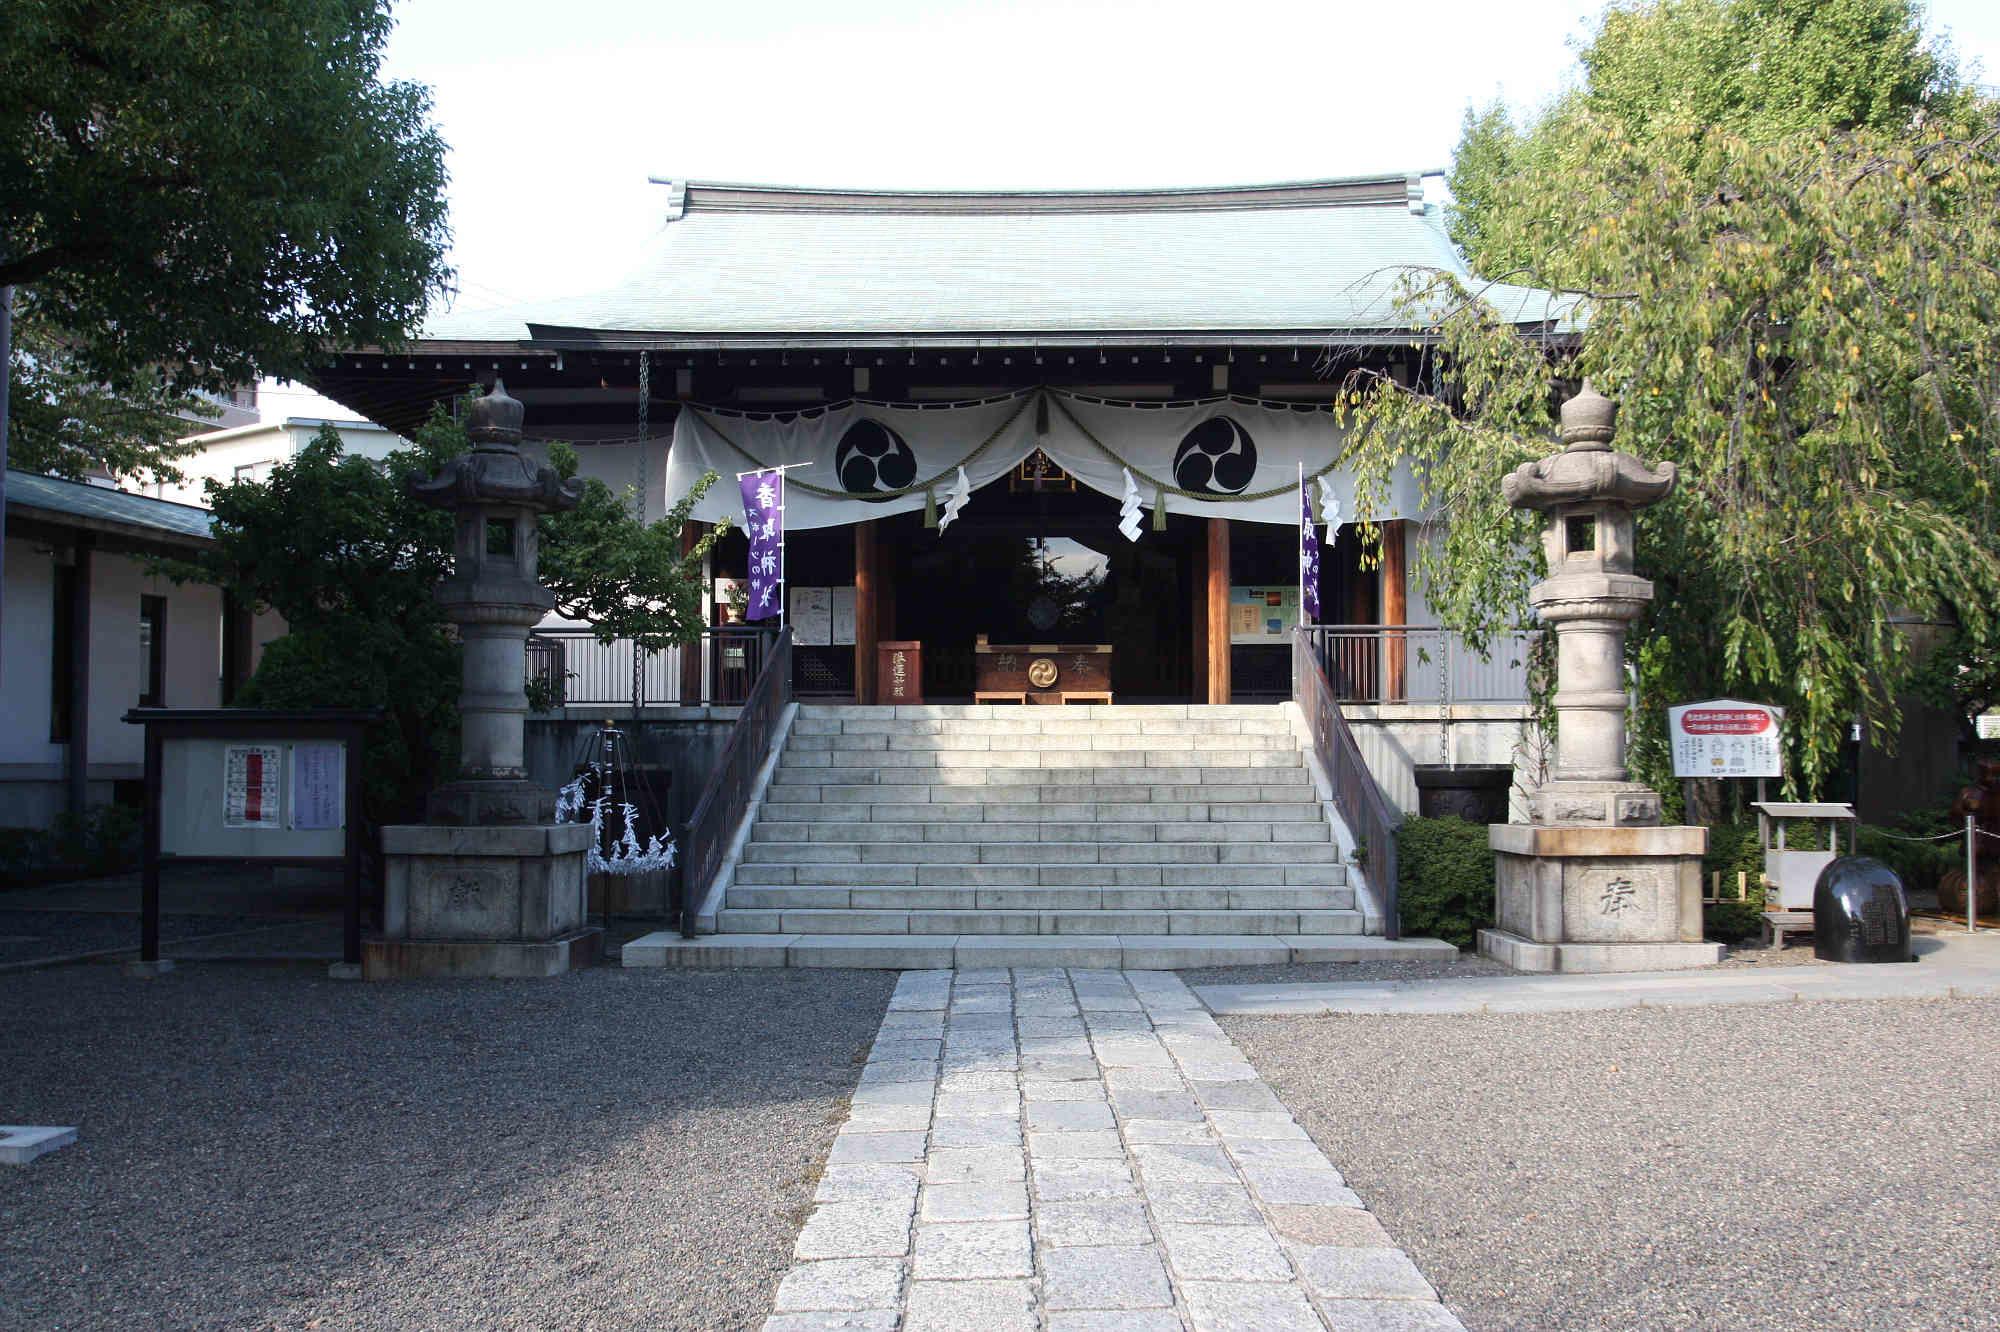 亀戸香取神社の御神殿(拝殿)